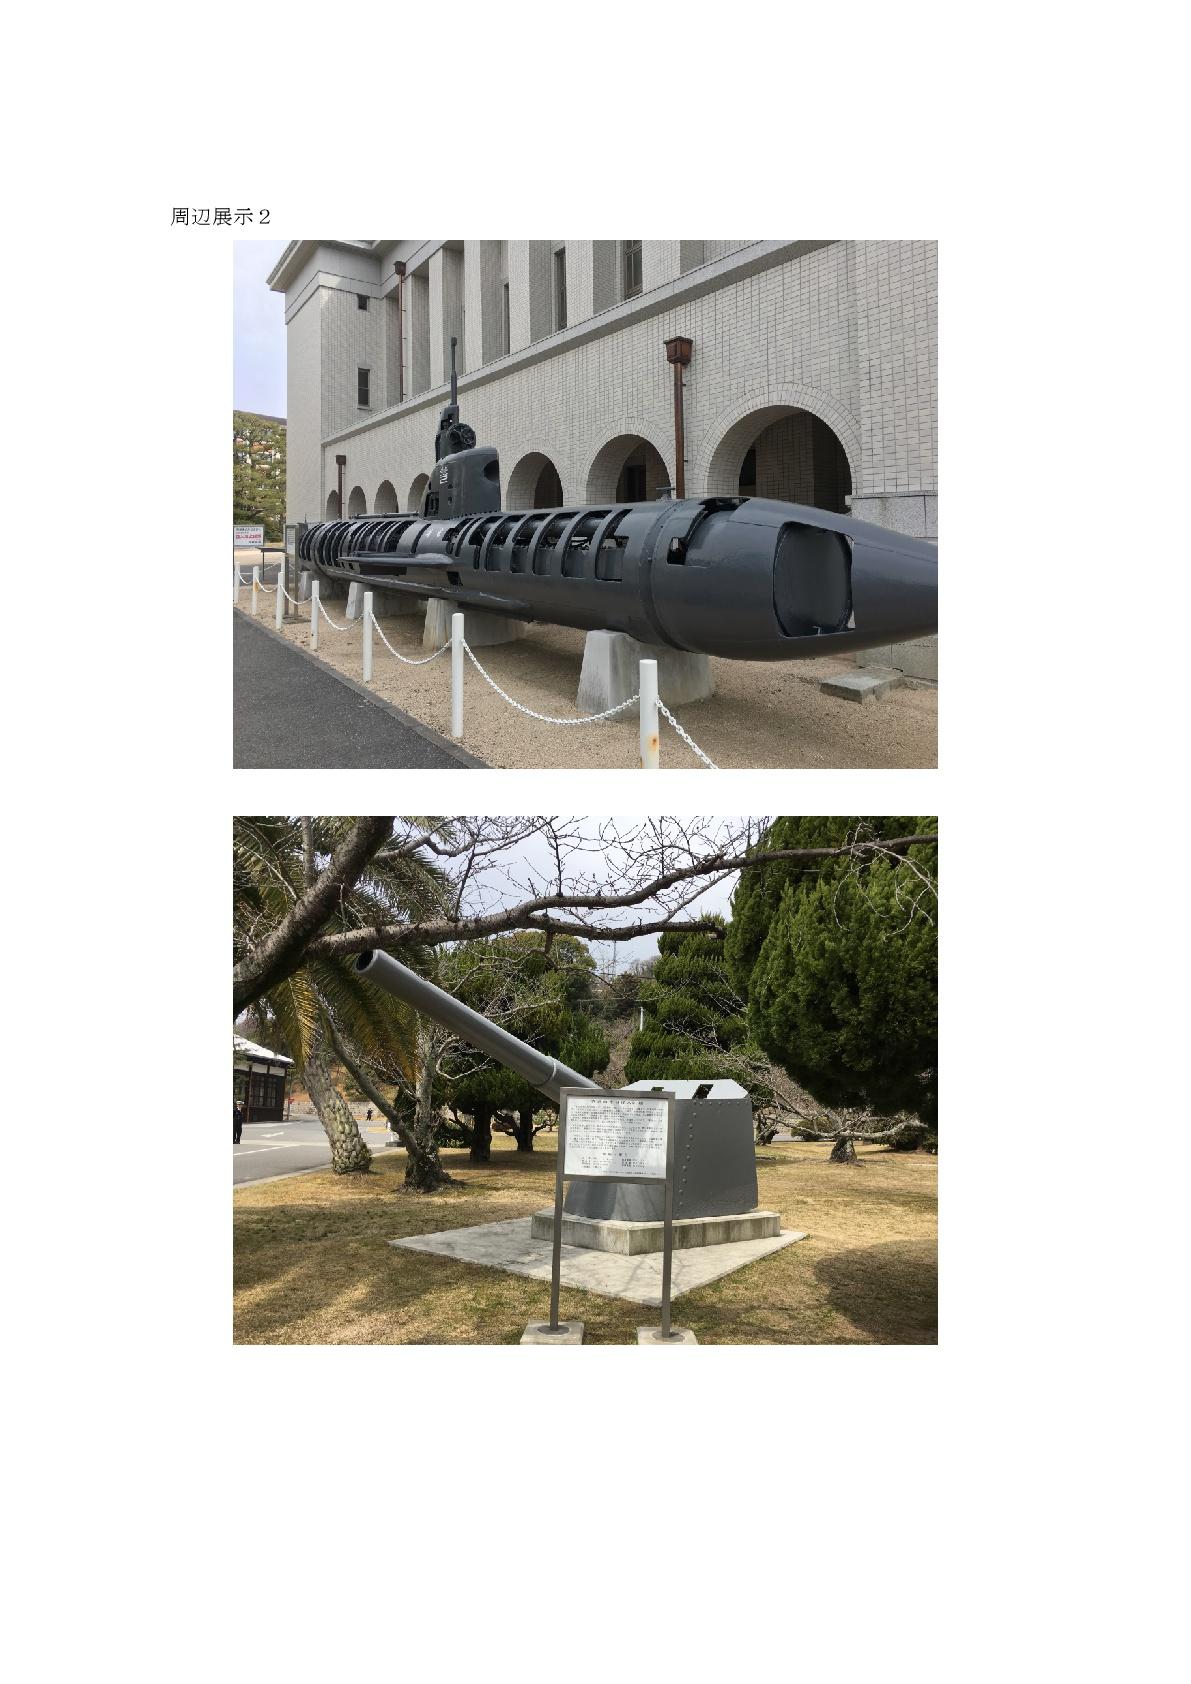 教育参考館 周辺展示 2017年3月18日 筆者撮影